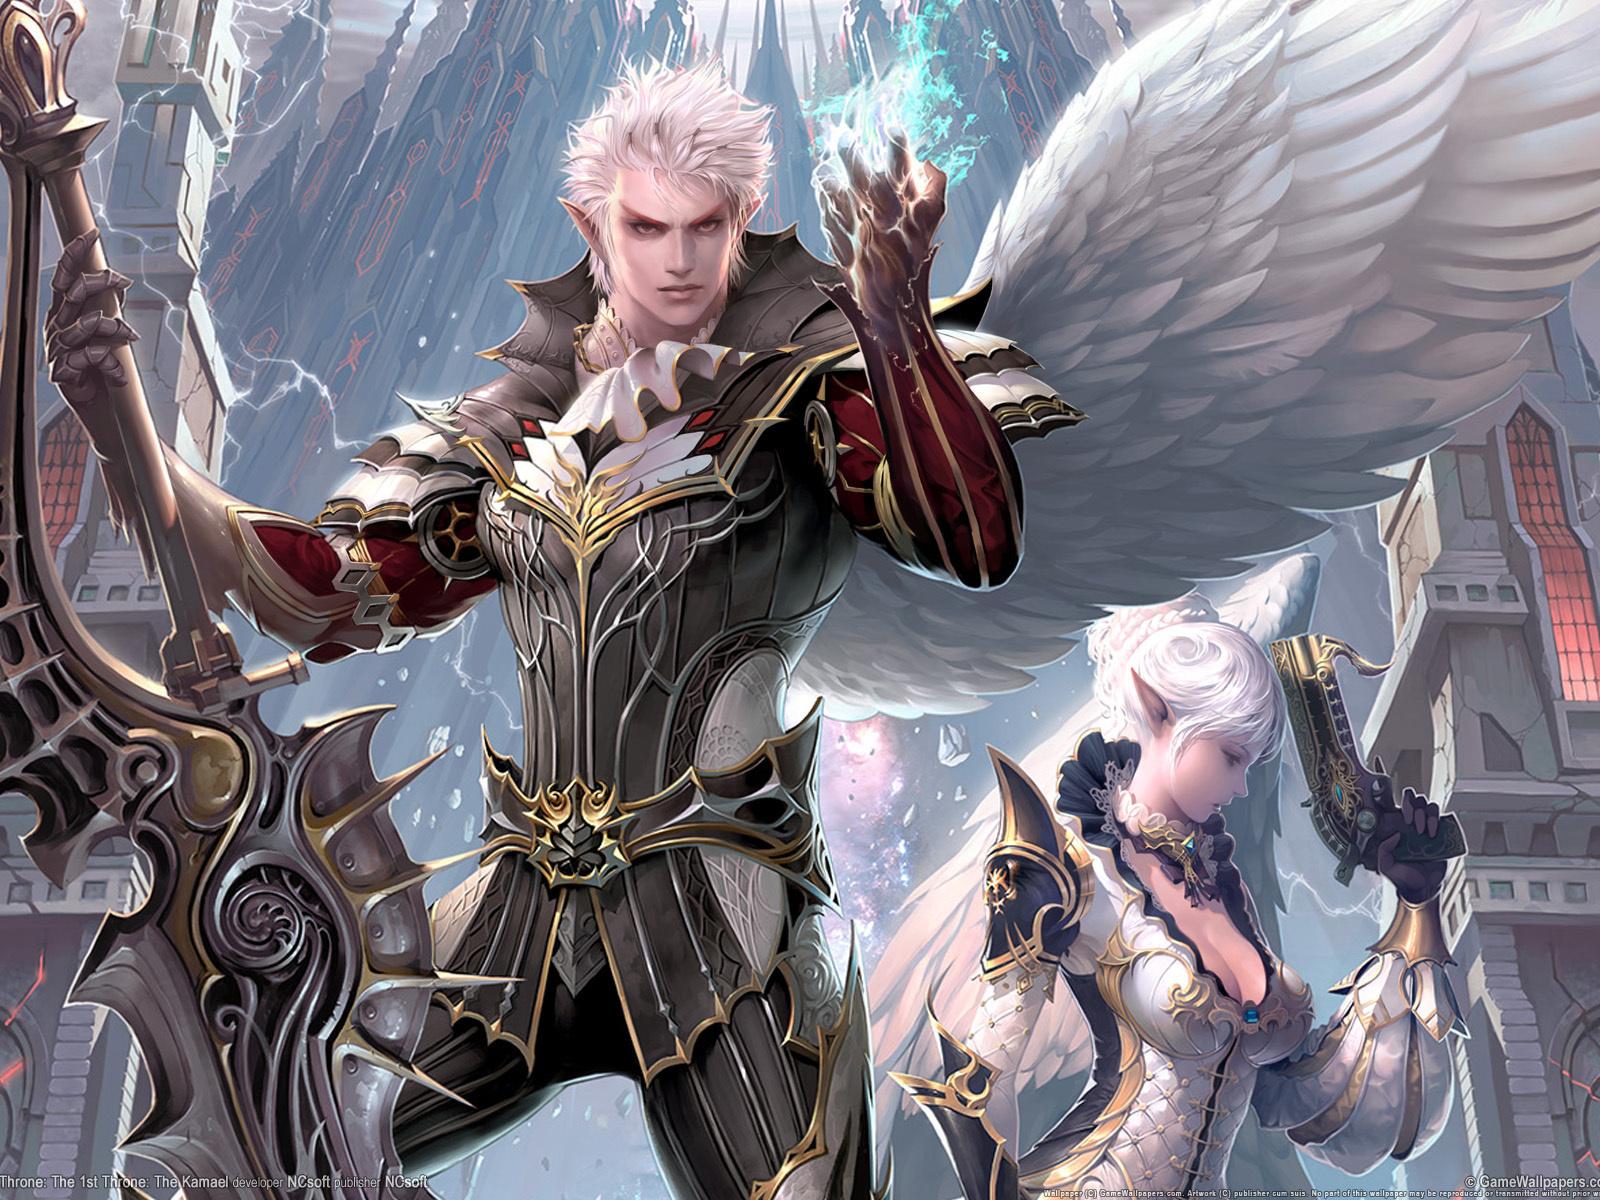 магия, город, Lineage, 2, воин, камаэль, крылья, меч, оружие, рисунки